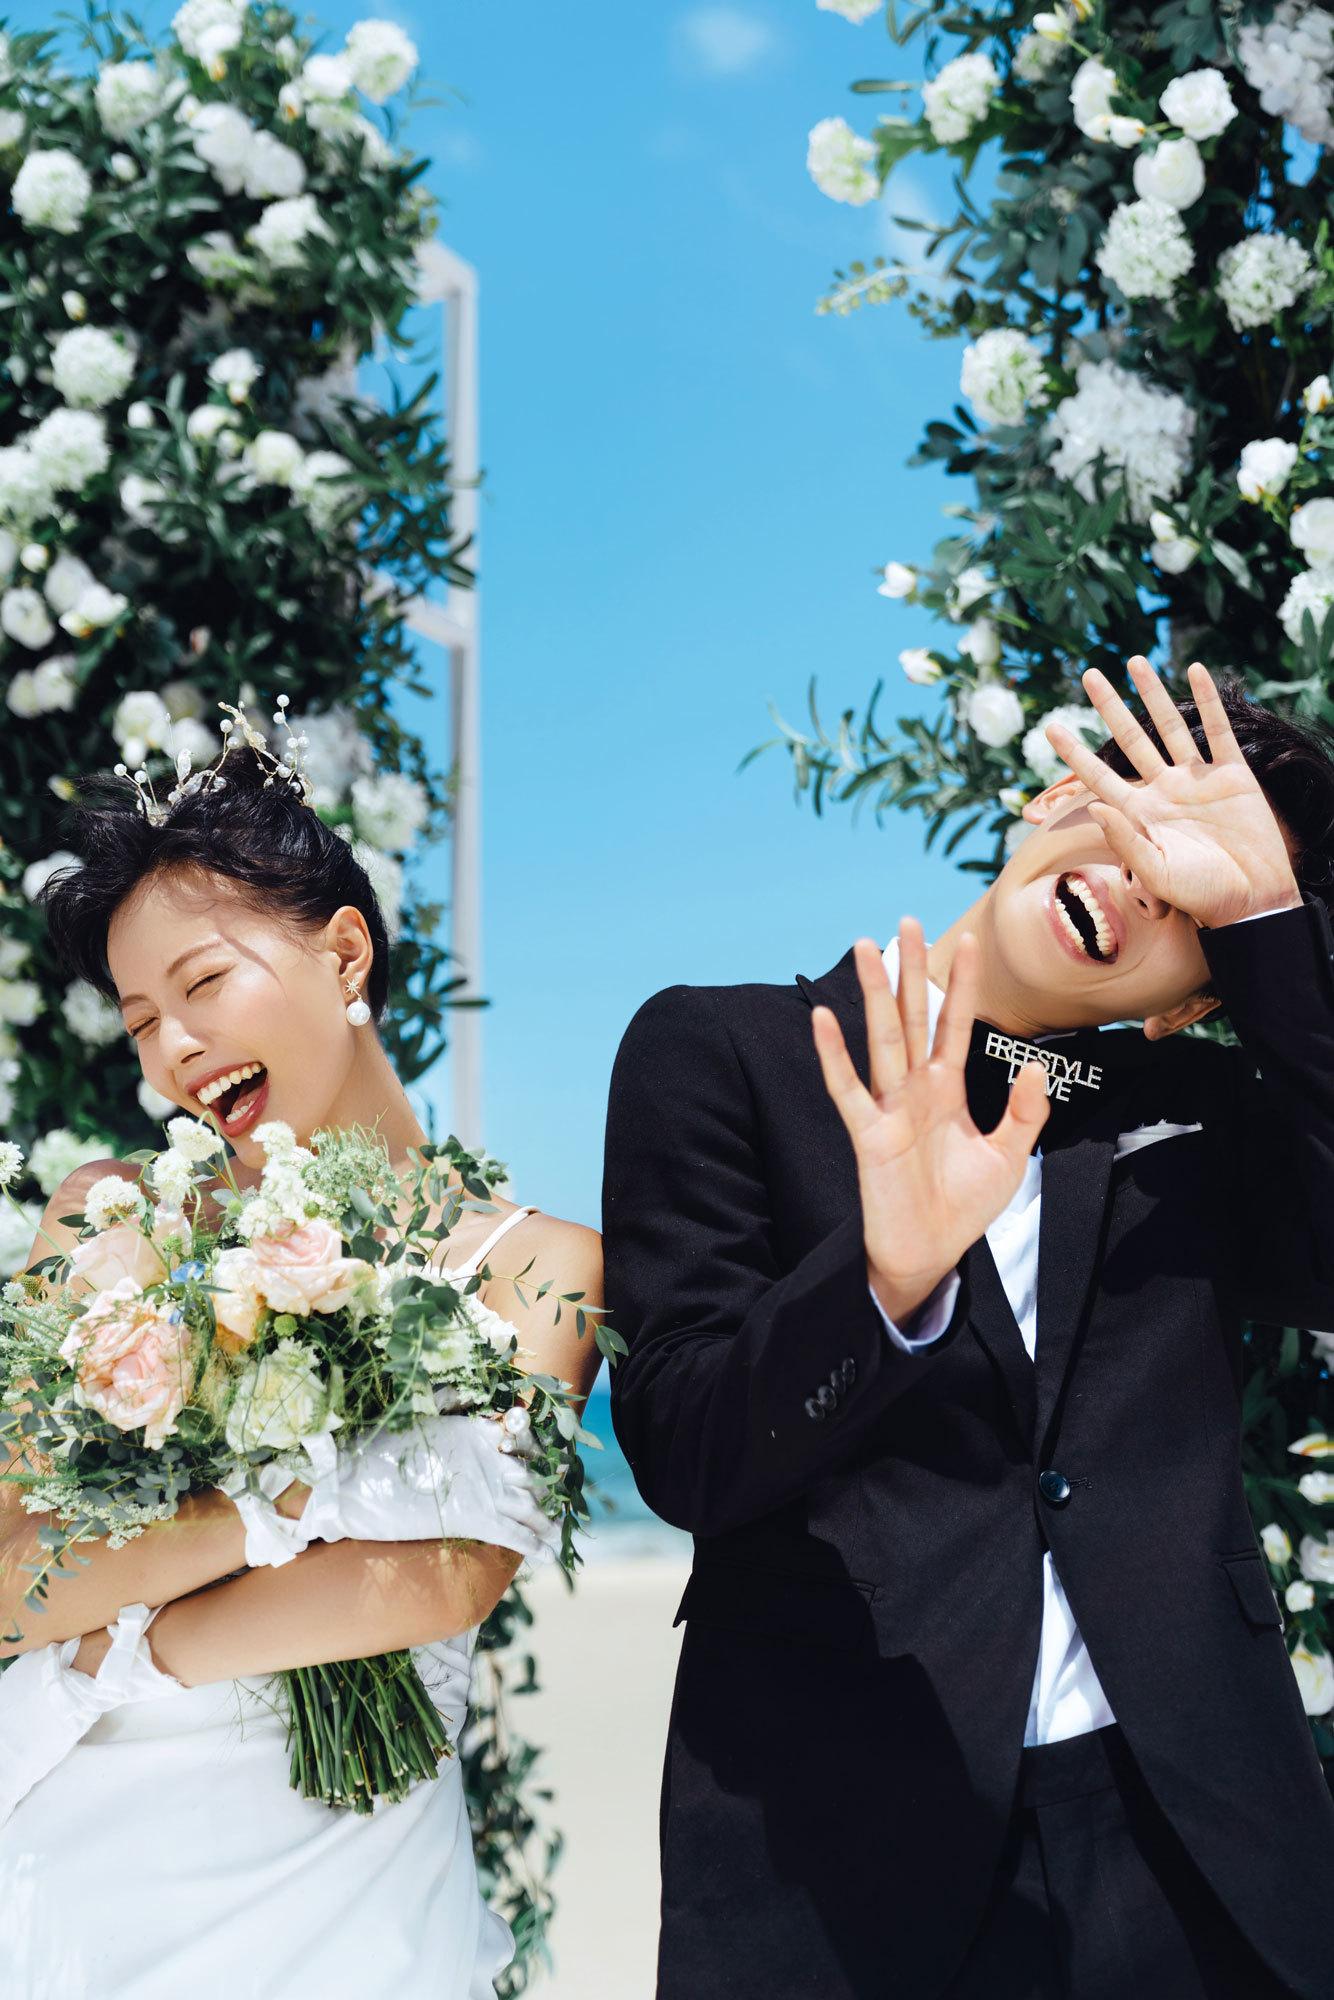 超丰富的甜蜜婚礼时间表 新人备婚必你知道�岜�